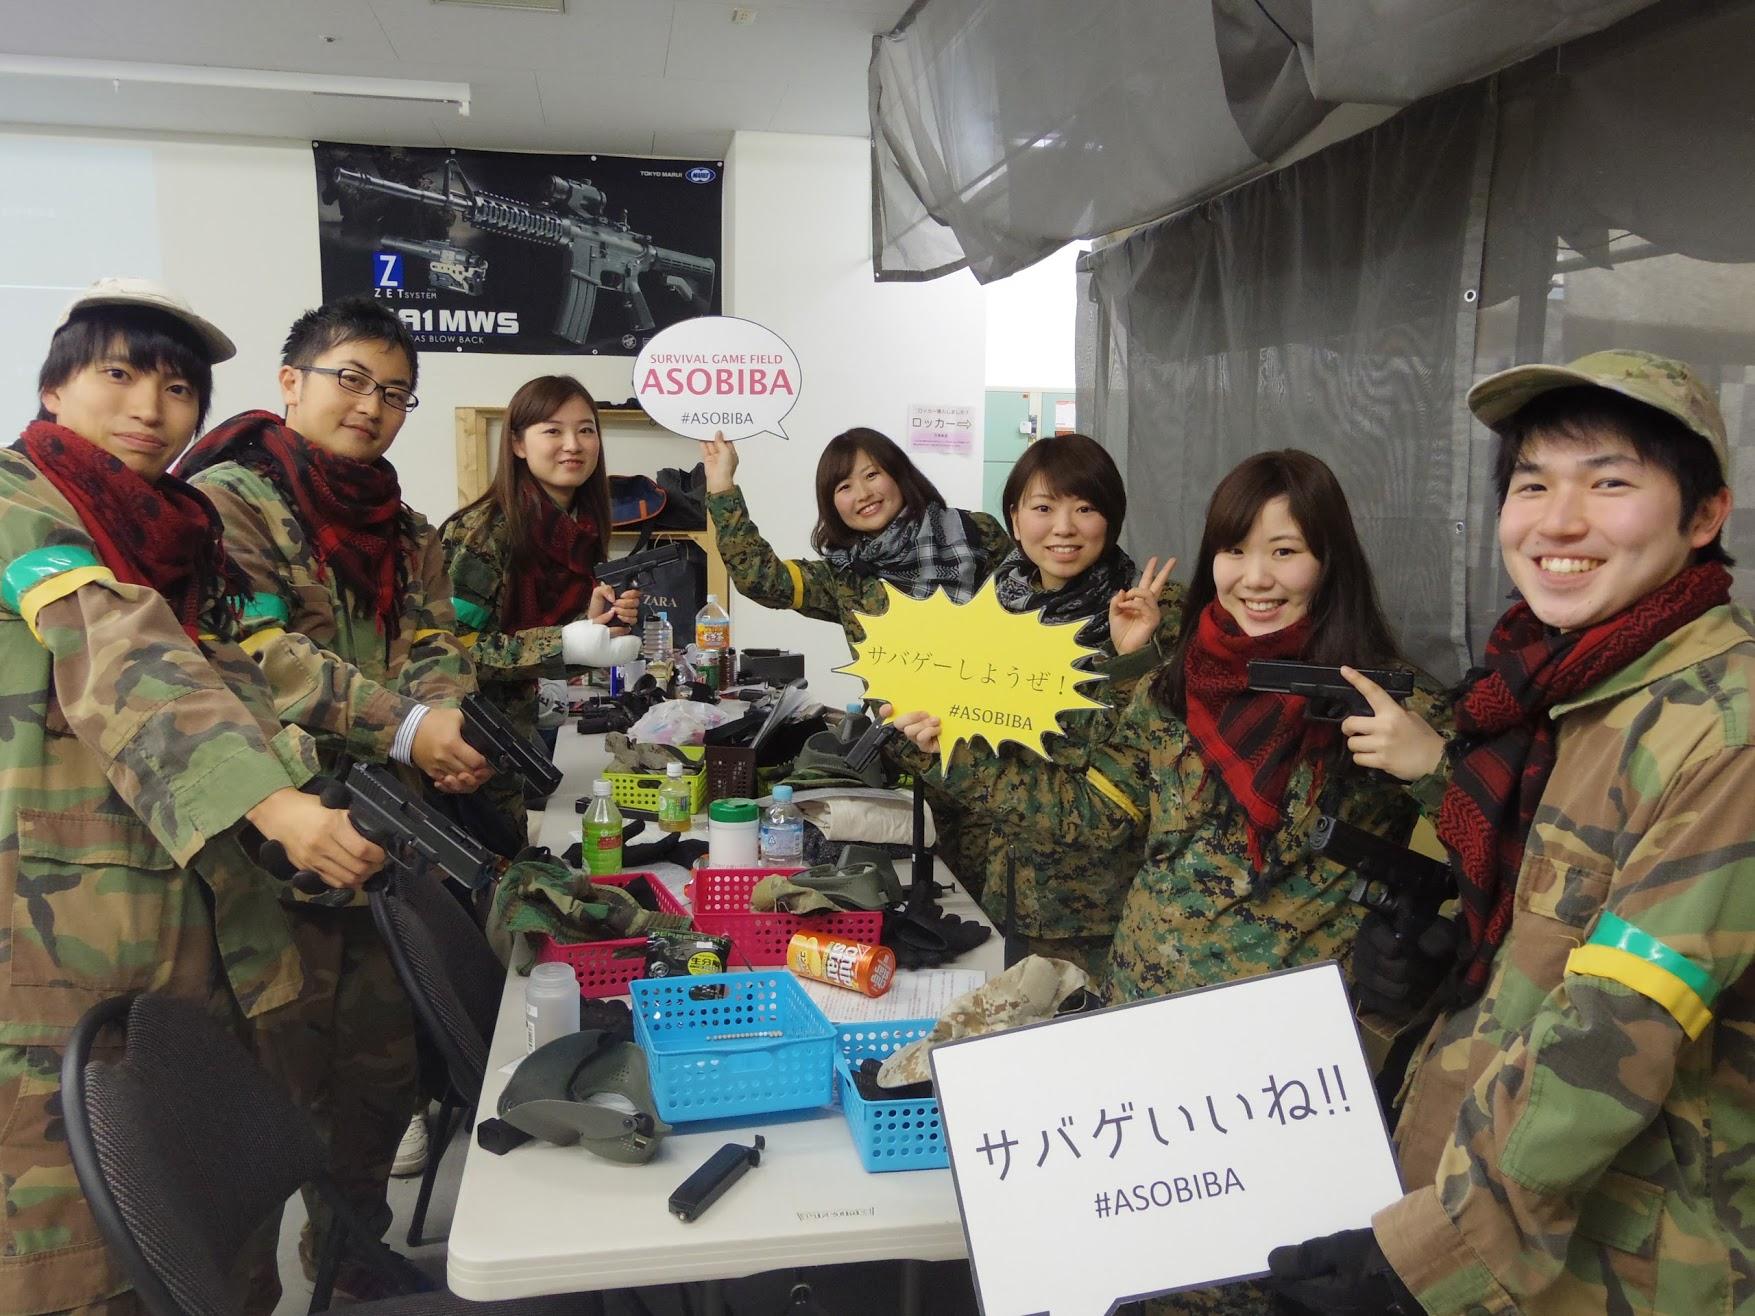 同僚とお得にサバゲー体験するならASOBIBA横浜へ!